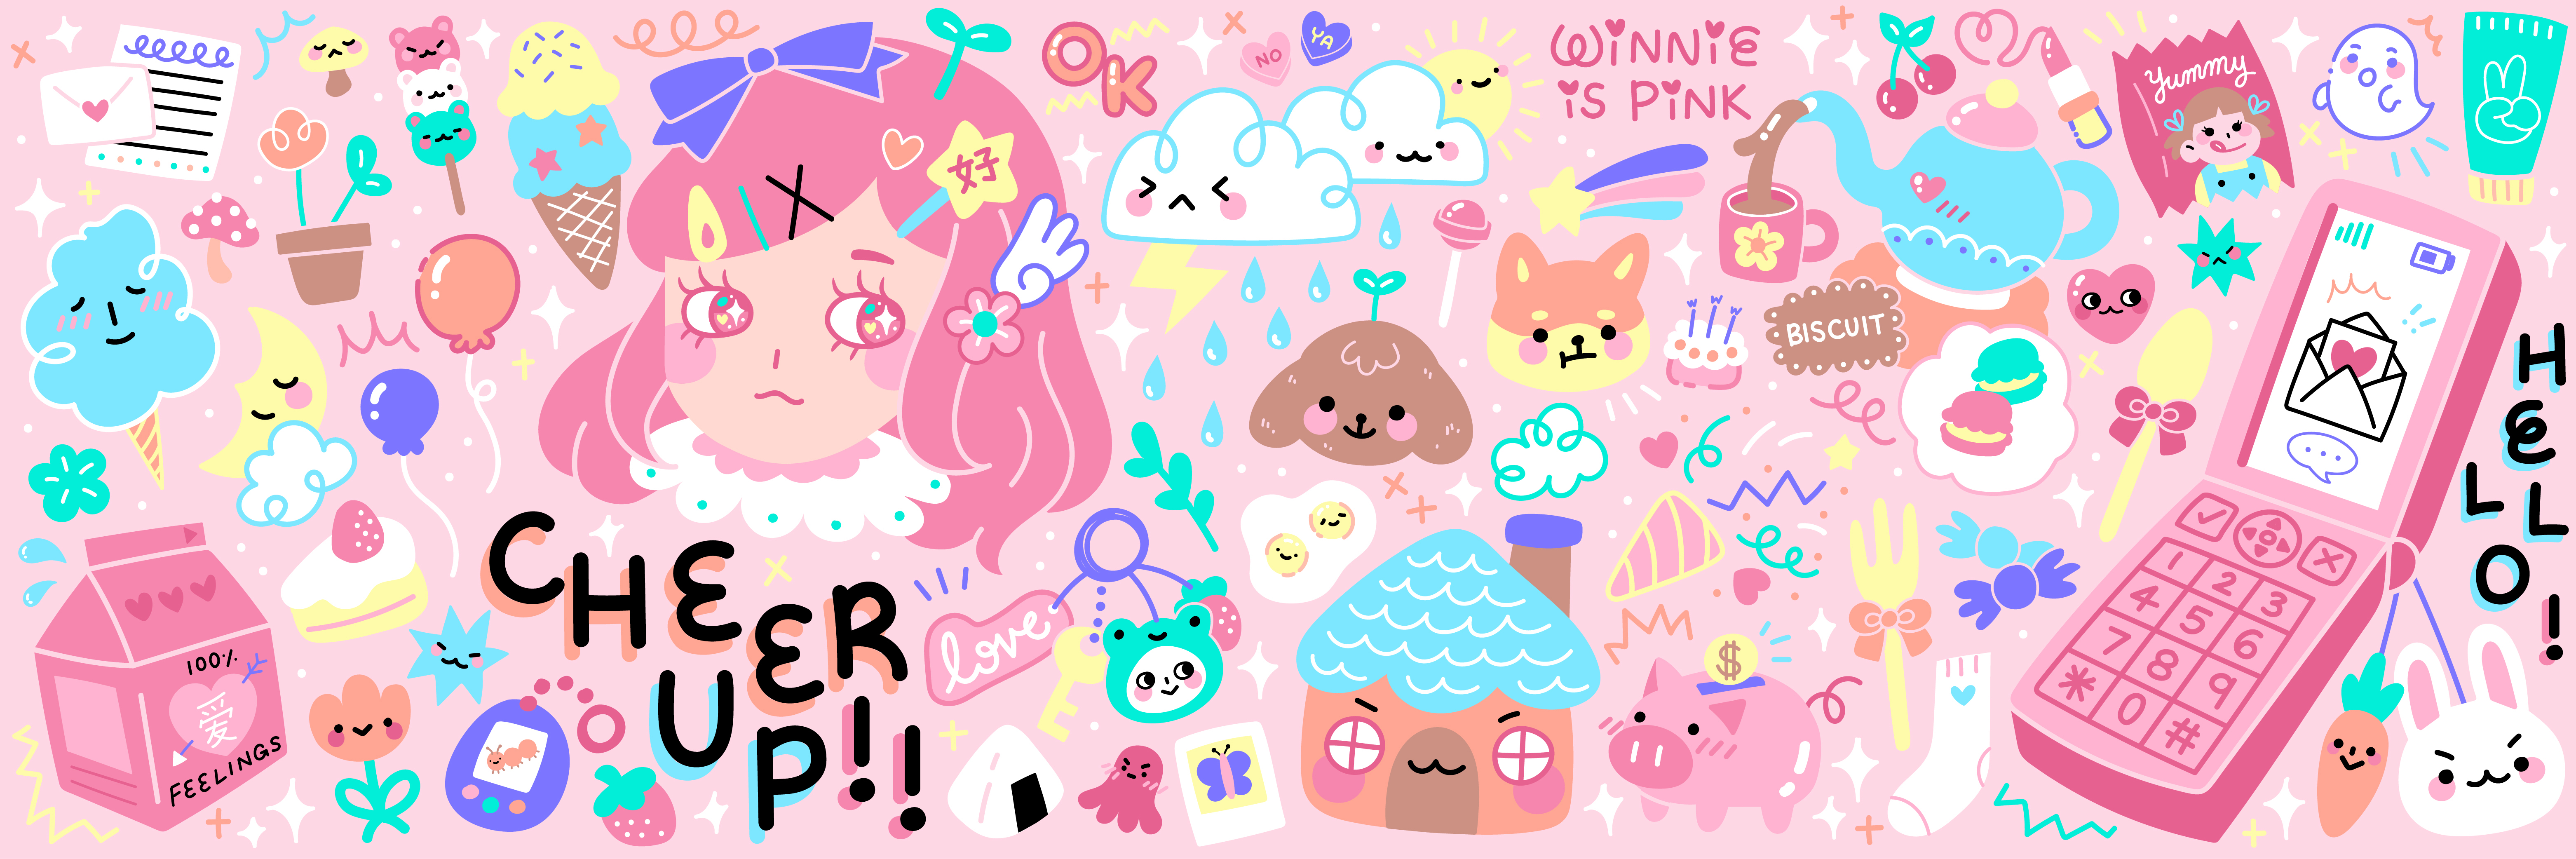 01_Winnie is Pink Banner